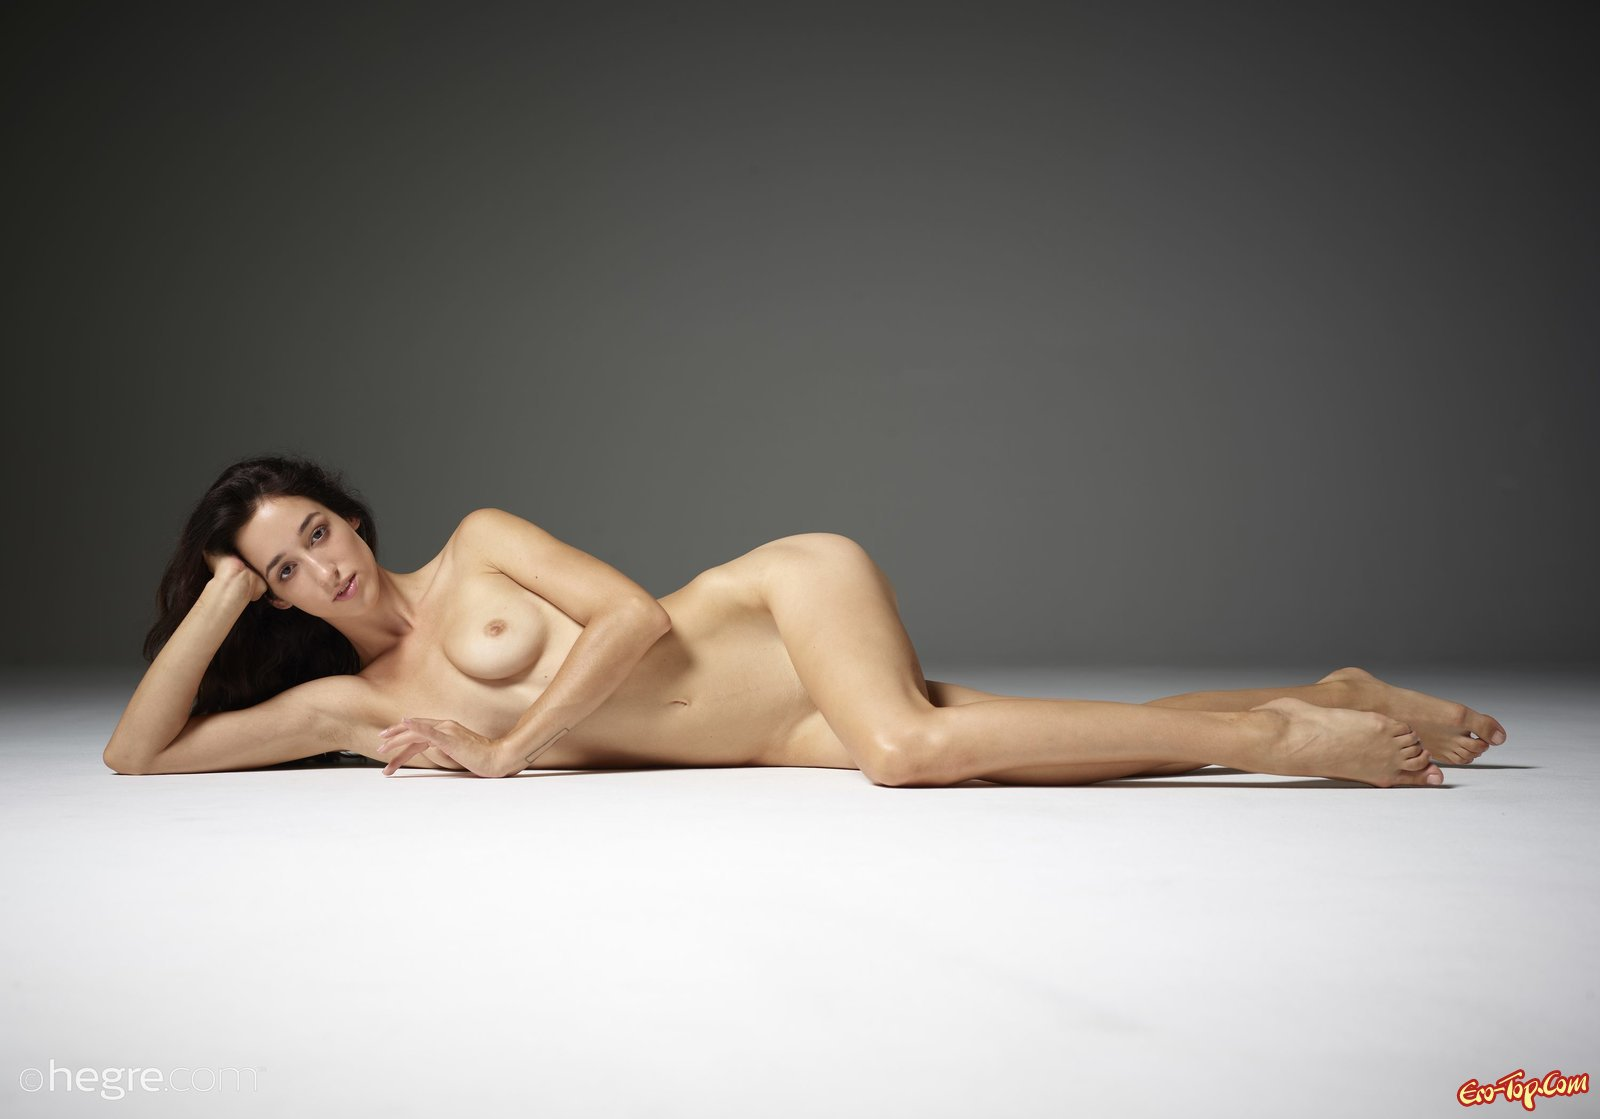 Голенькая стройняшка показала грудь и киску на полу